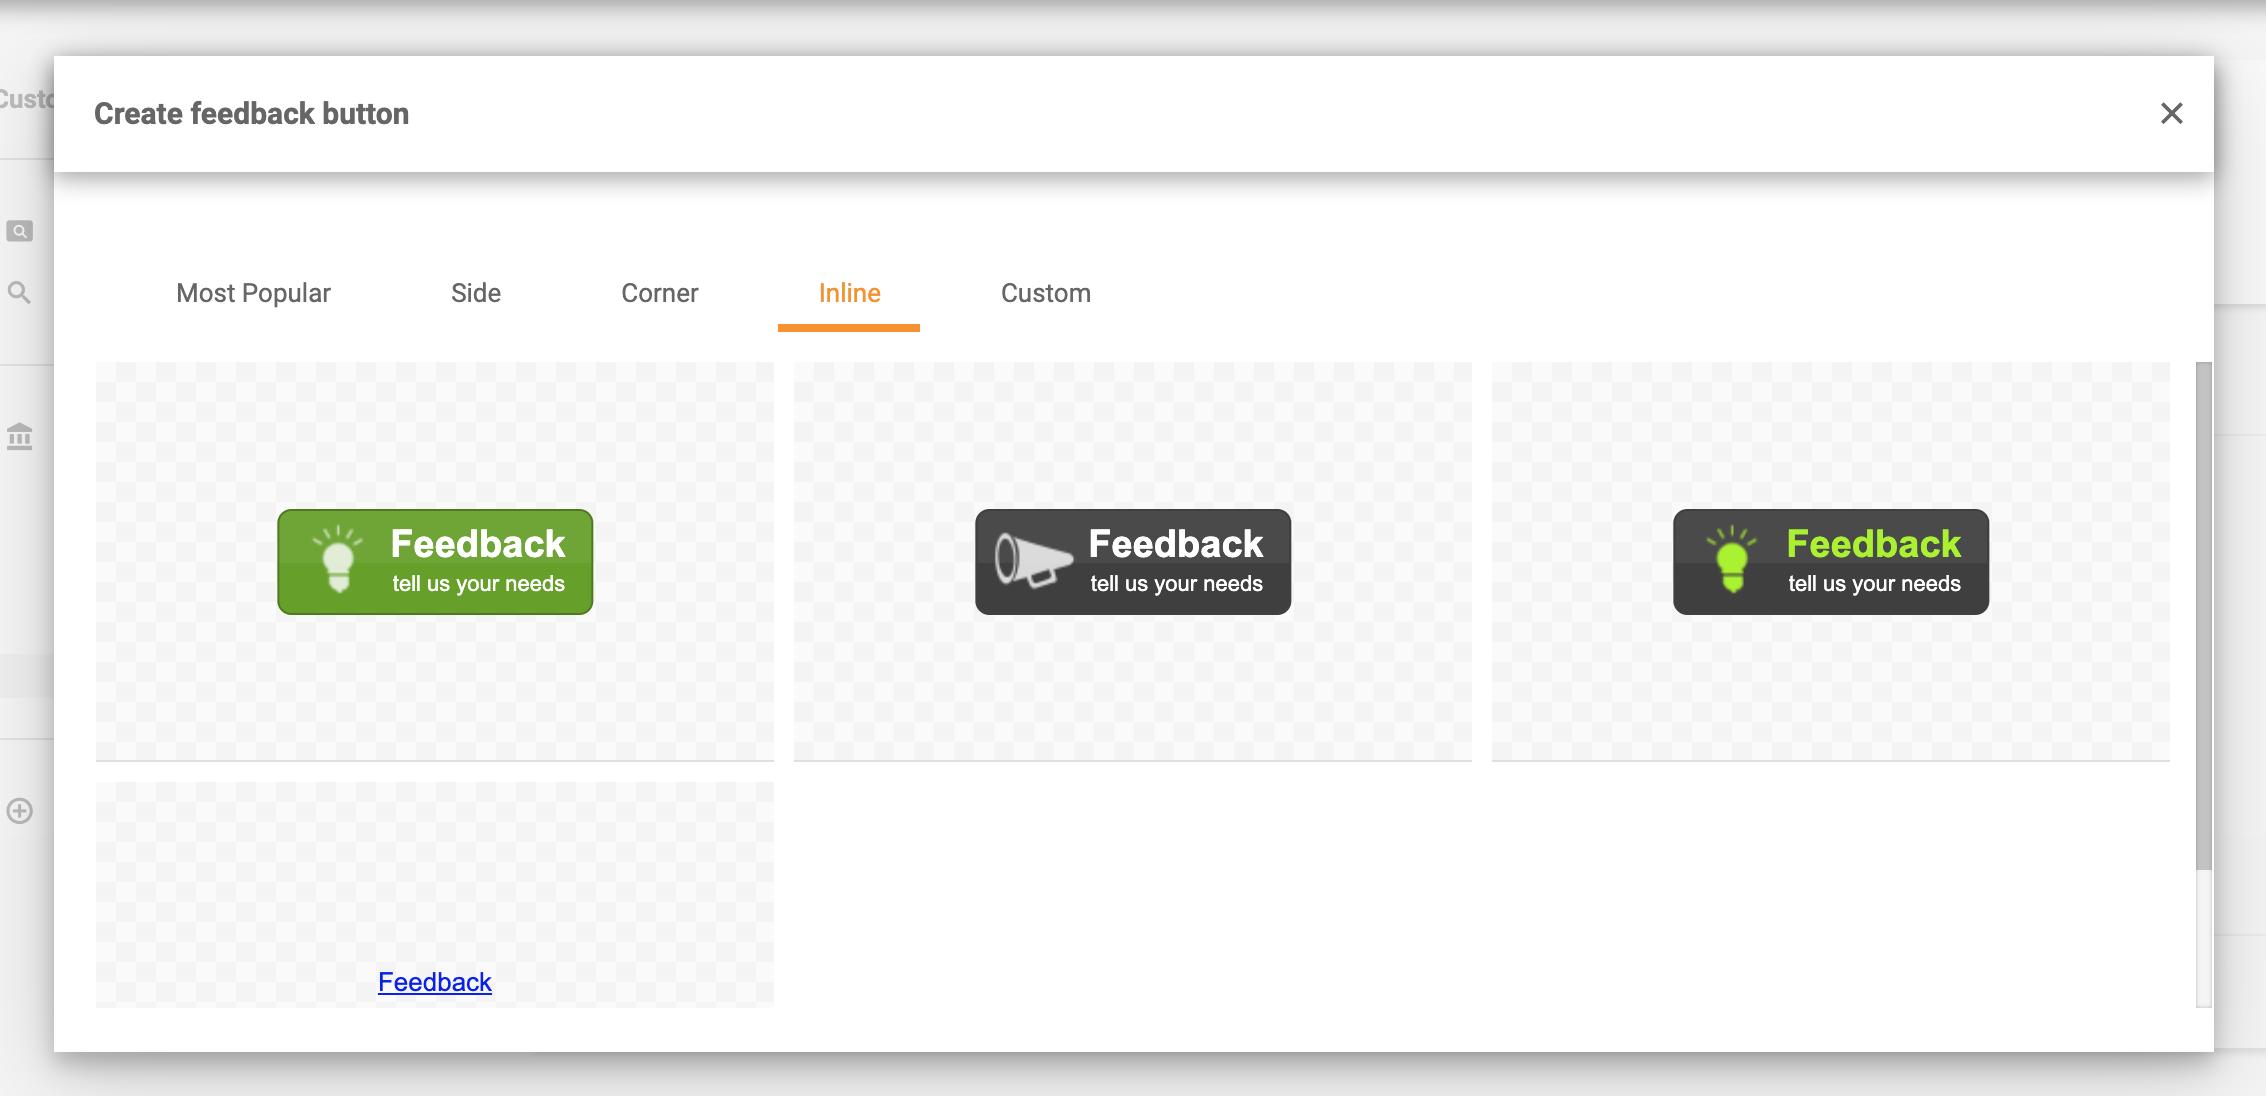 Feedback-button-styles-inline-LiveAgent